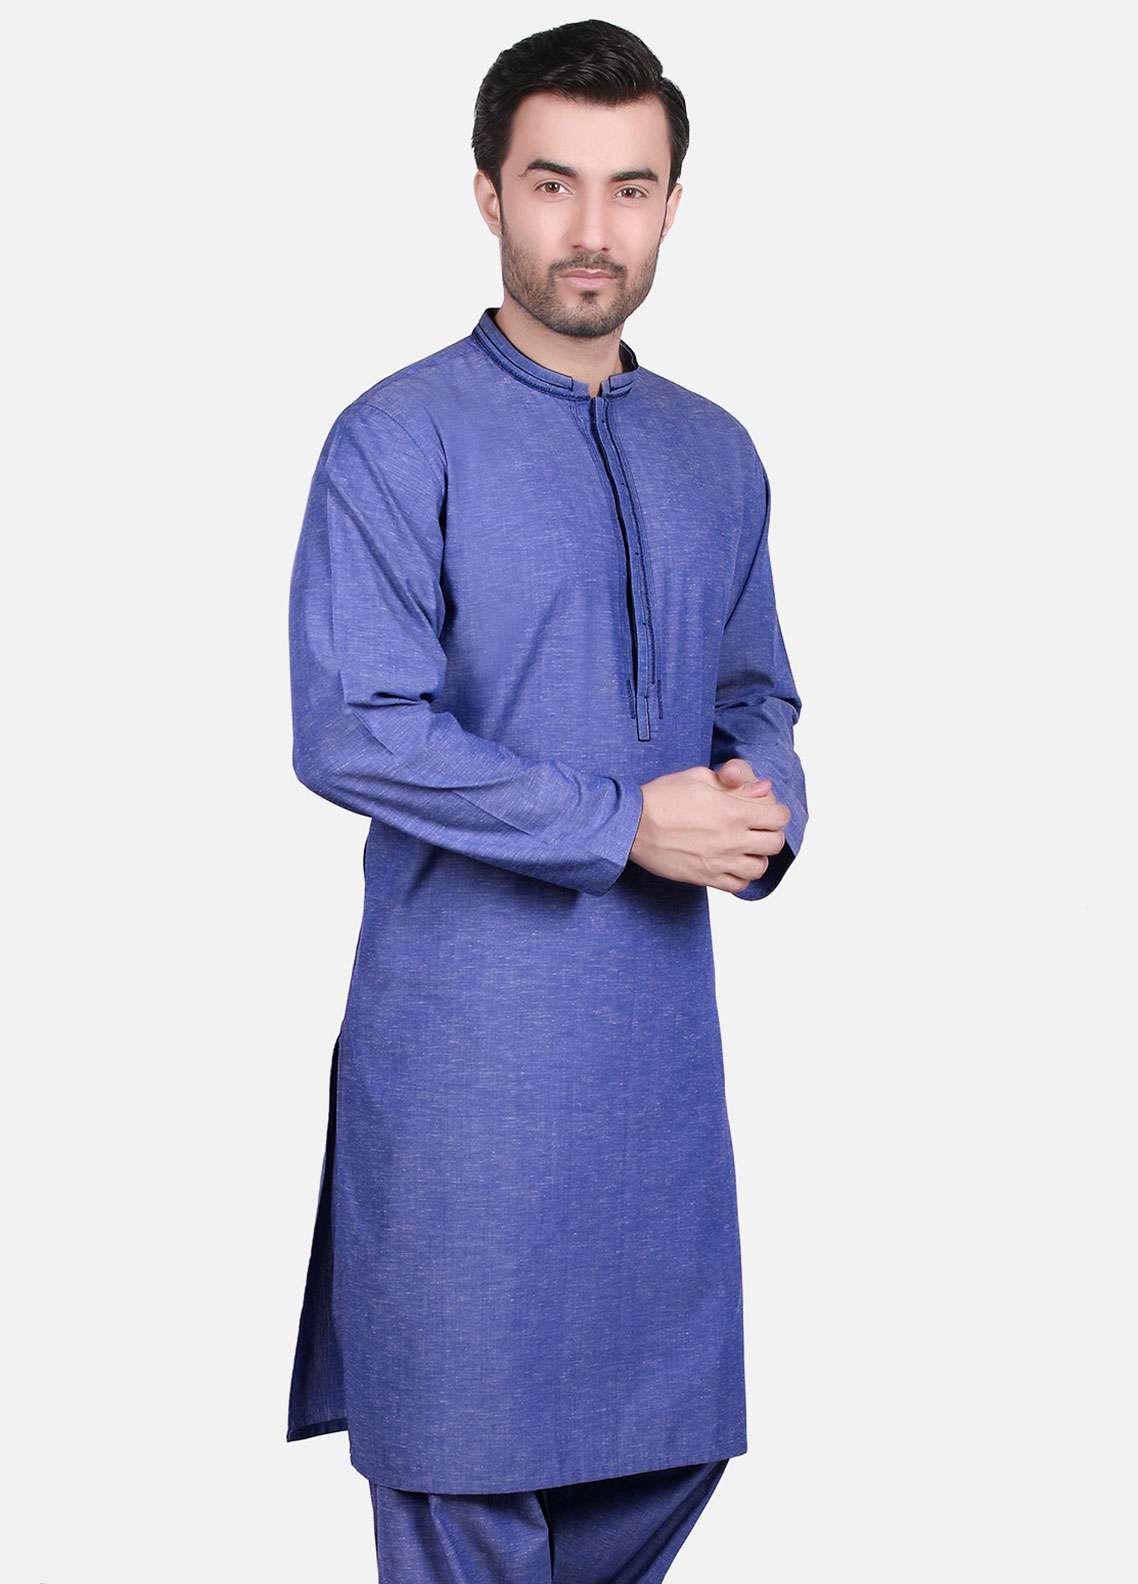 Edenrobe Cotton Formal Kameez Shalwar for Men - Blue EMTKS-40701